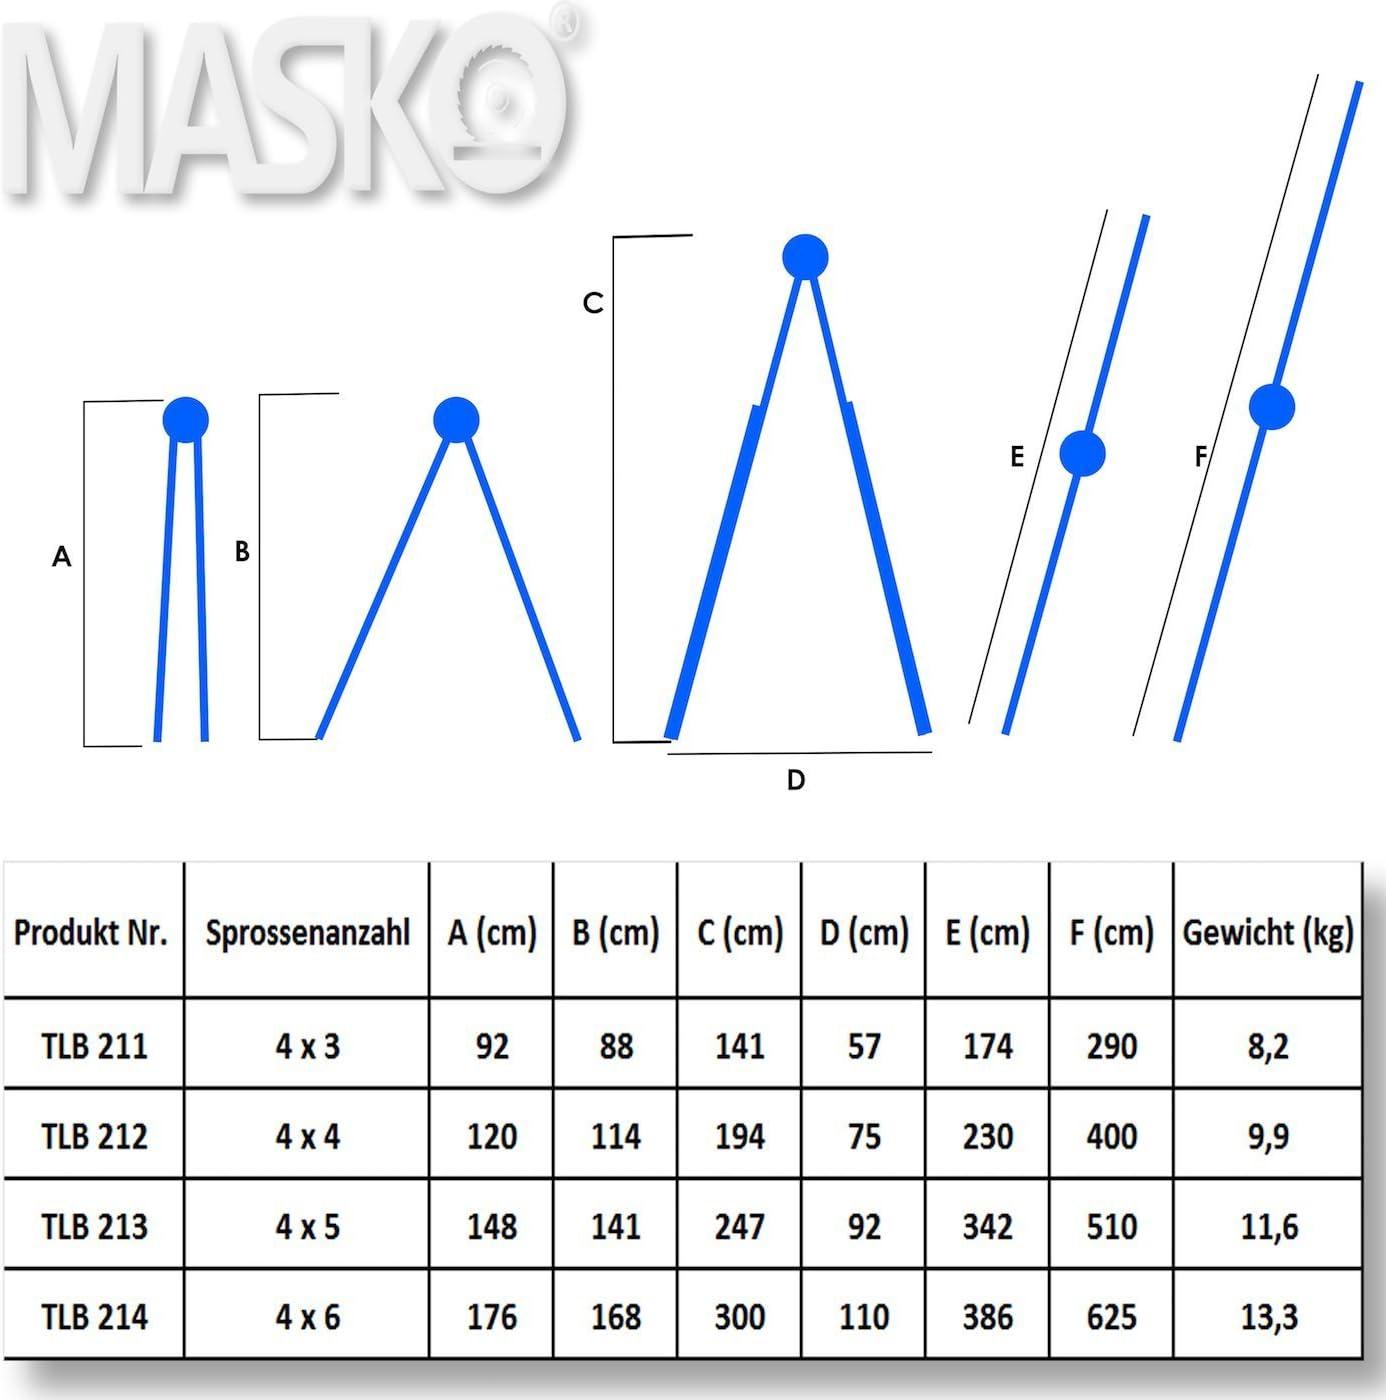 MASKO/® Aluleiter Mehrzweckleiter 5,10m 4x5 Sprossen Teleskopleiter ✓ Multifunktionsleiter ✓ Aluleiter ✓ Klappleiter ✓ Anlegeleiter ✓ Bockleiter ✓ Schiebeleiter ✓ beidseitige Steh und Treppenleiter